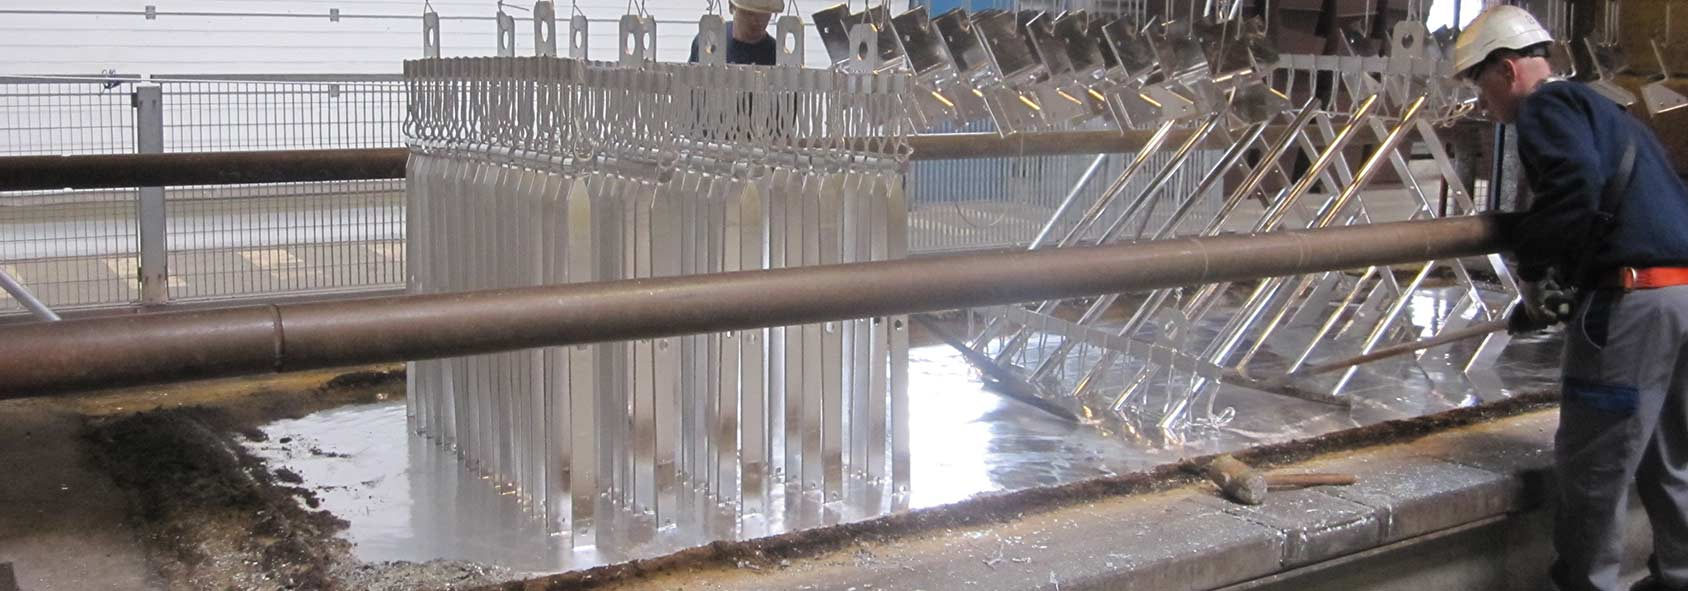 Mesure d'épaisseur de zinc à haute température par ENOVASENSE.  Crédits : ENOVASENSE